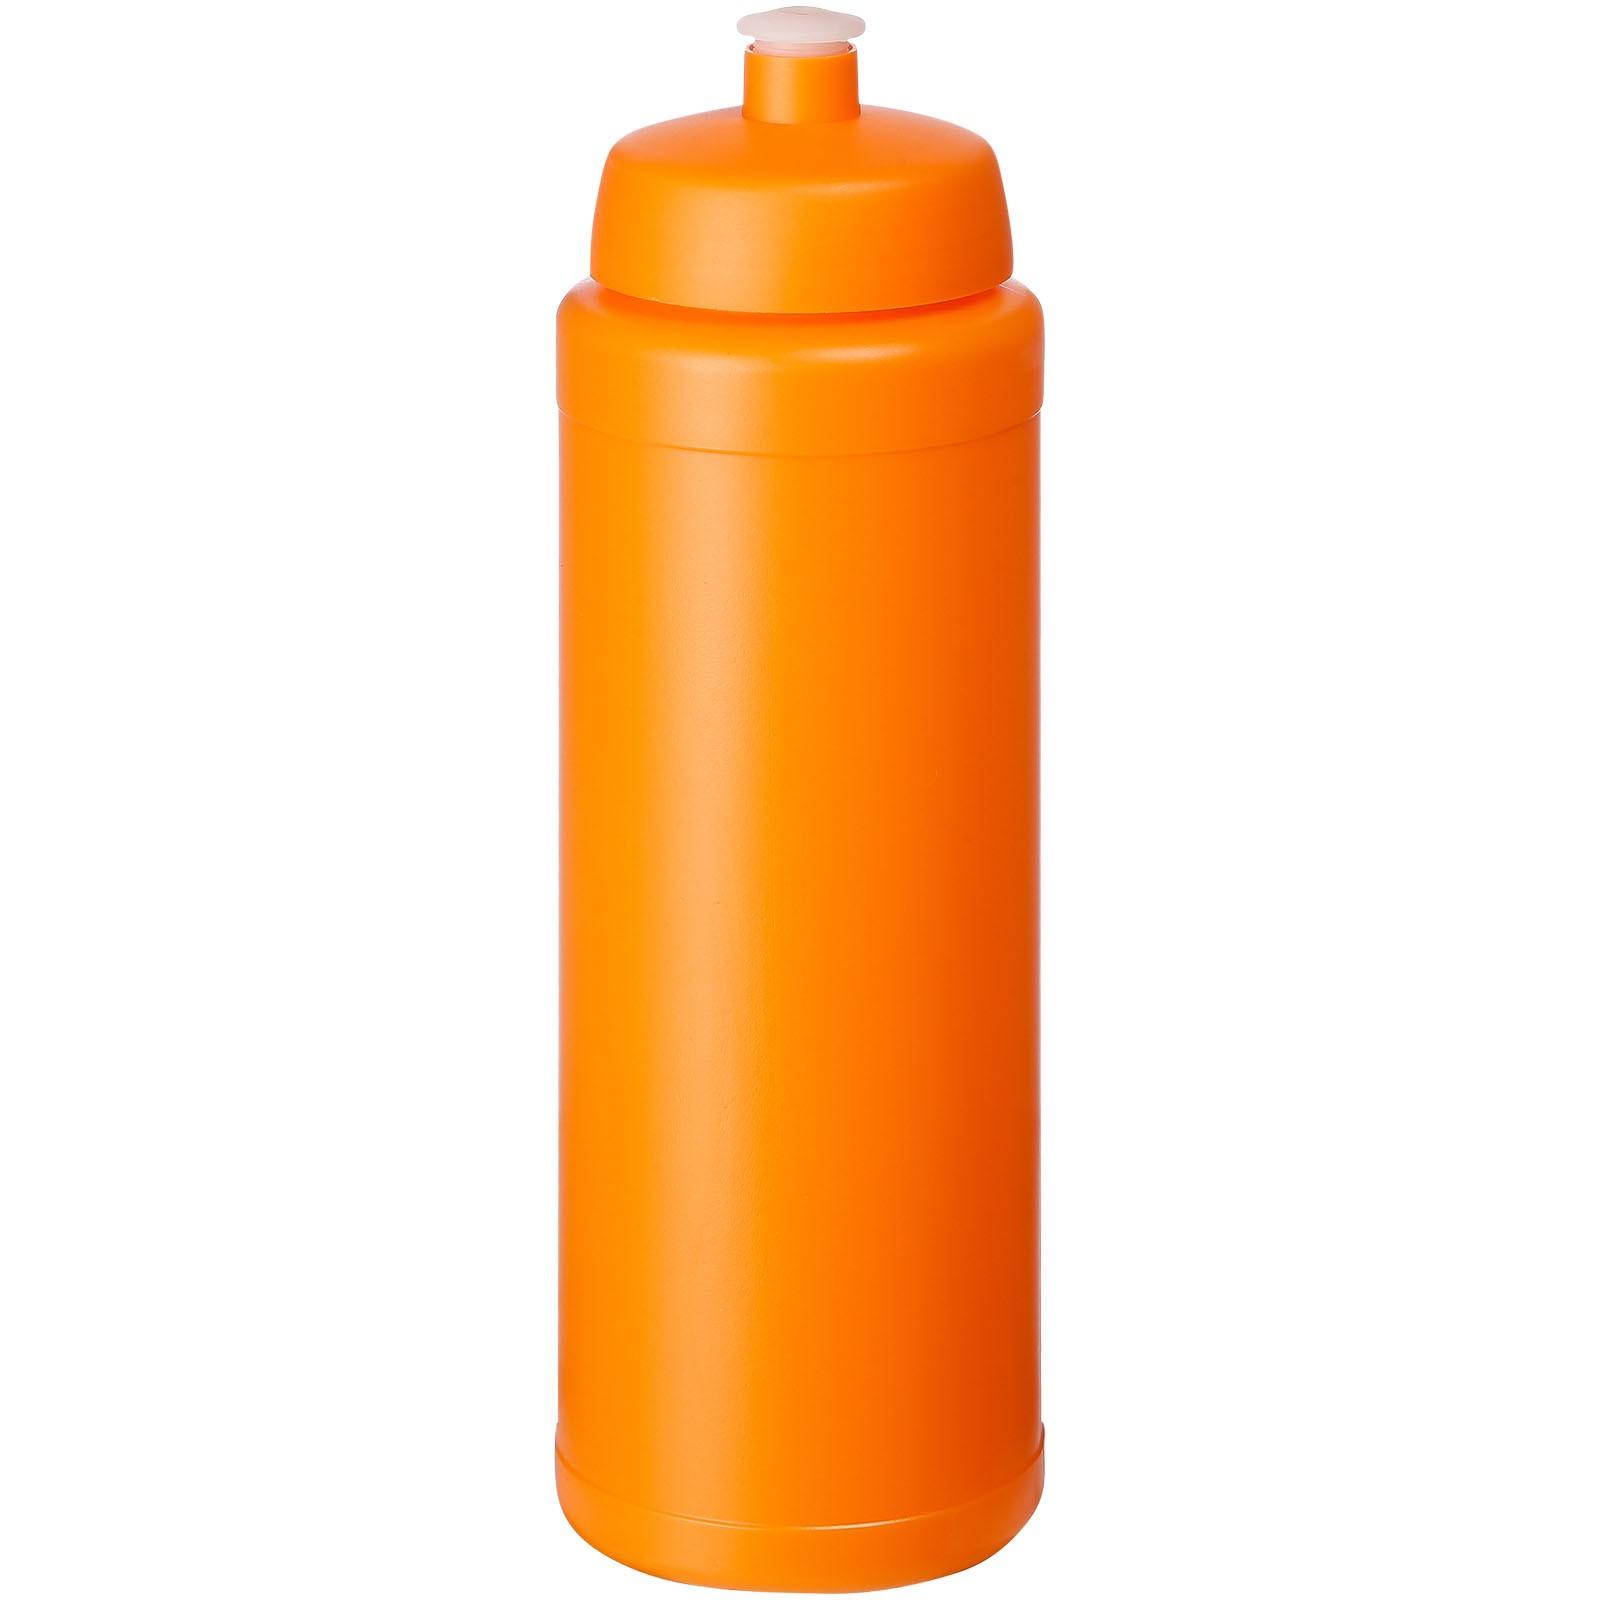 Baseline® Plus grip 750 ml sports lid sport bottle - Orange